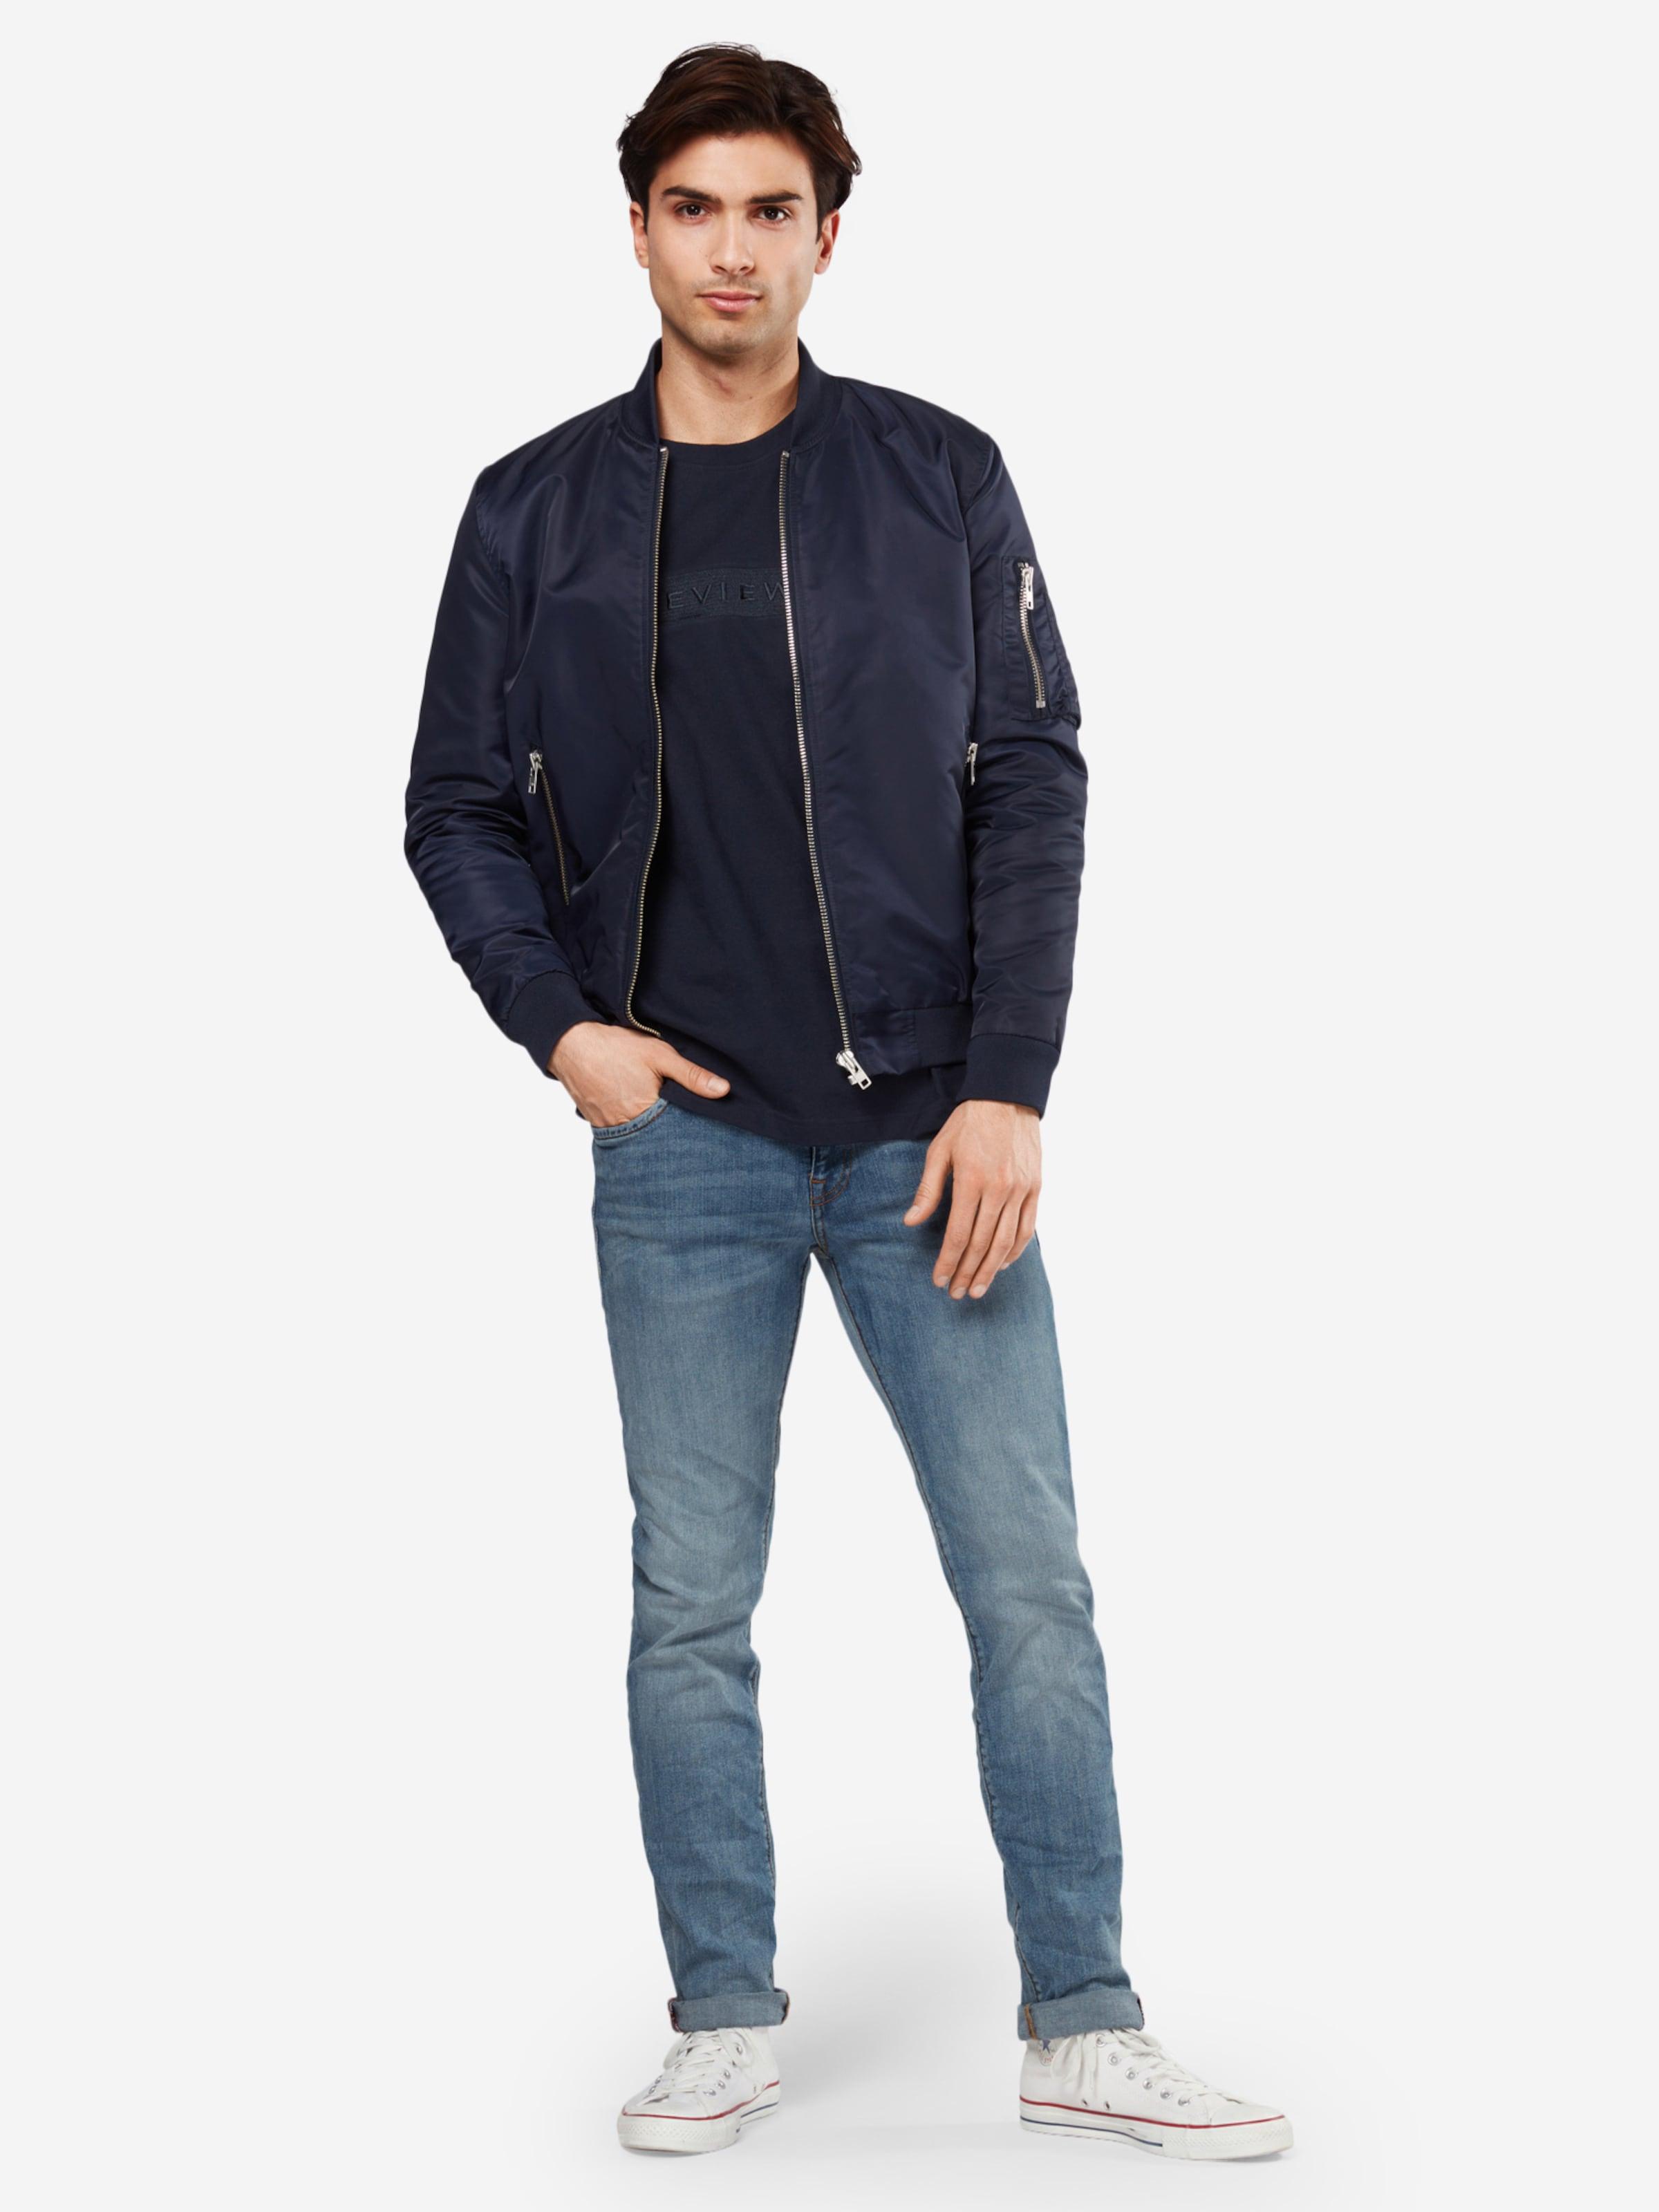 JACK & JONES Jeans 'JJIGLENN JJFELIX AM 667 LID NOOS' Zuverlässig Billig Verkauf Neuester Günstiger Preis Angebote Günstig Online g5Y398kKd